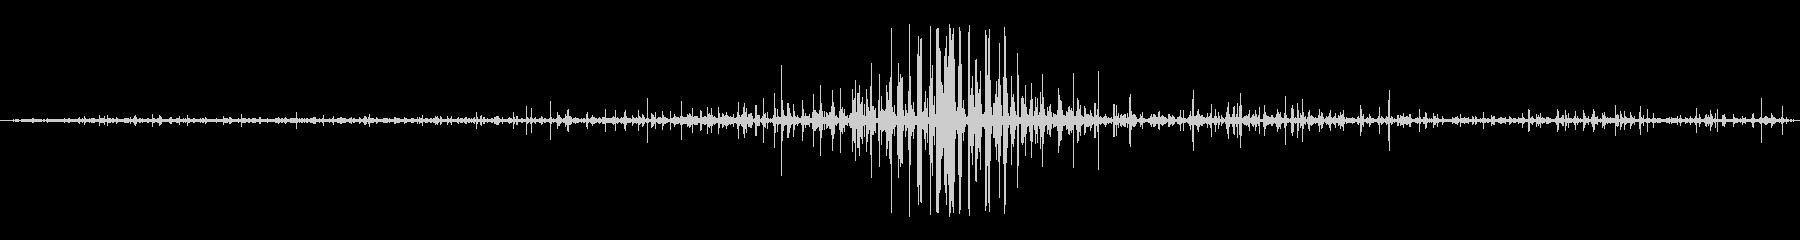 ホースオンダート:ウォークバイの未再生の波形